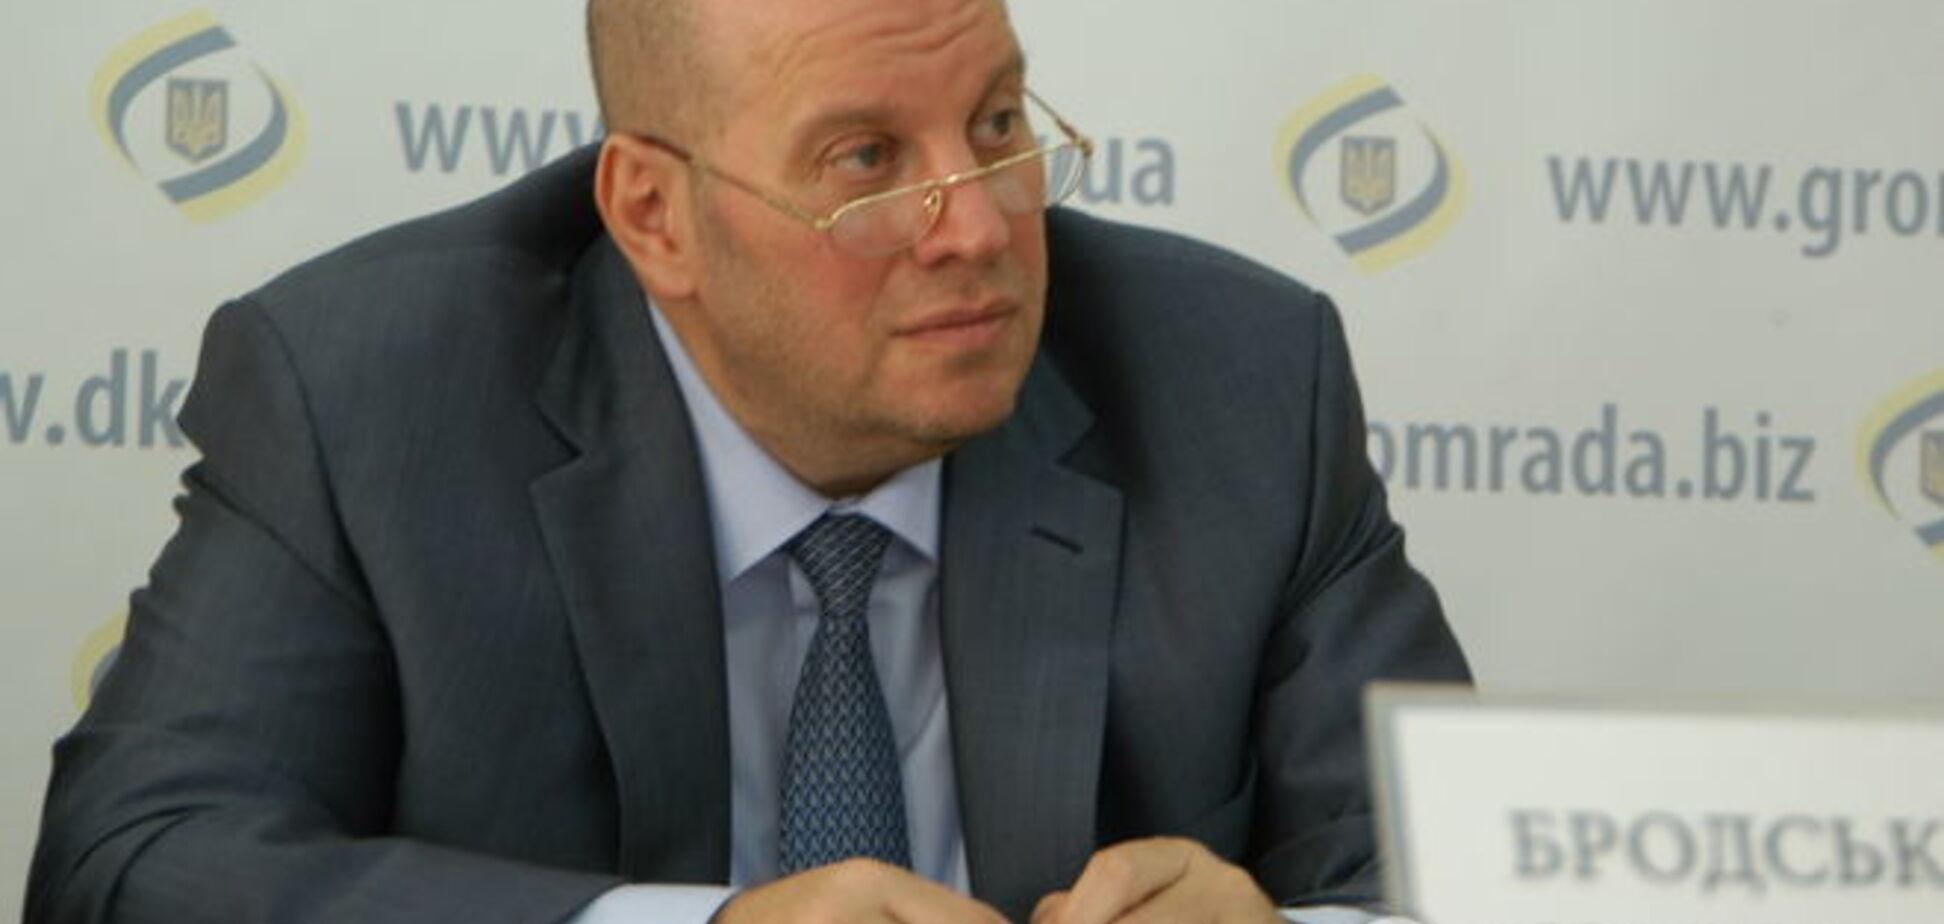 Бродский: в конфликте с Коломойским Лещенко и Найем обслуживают интересы Пинчука